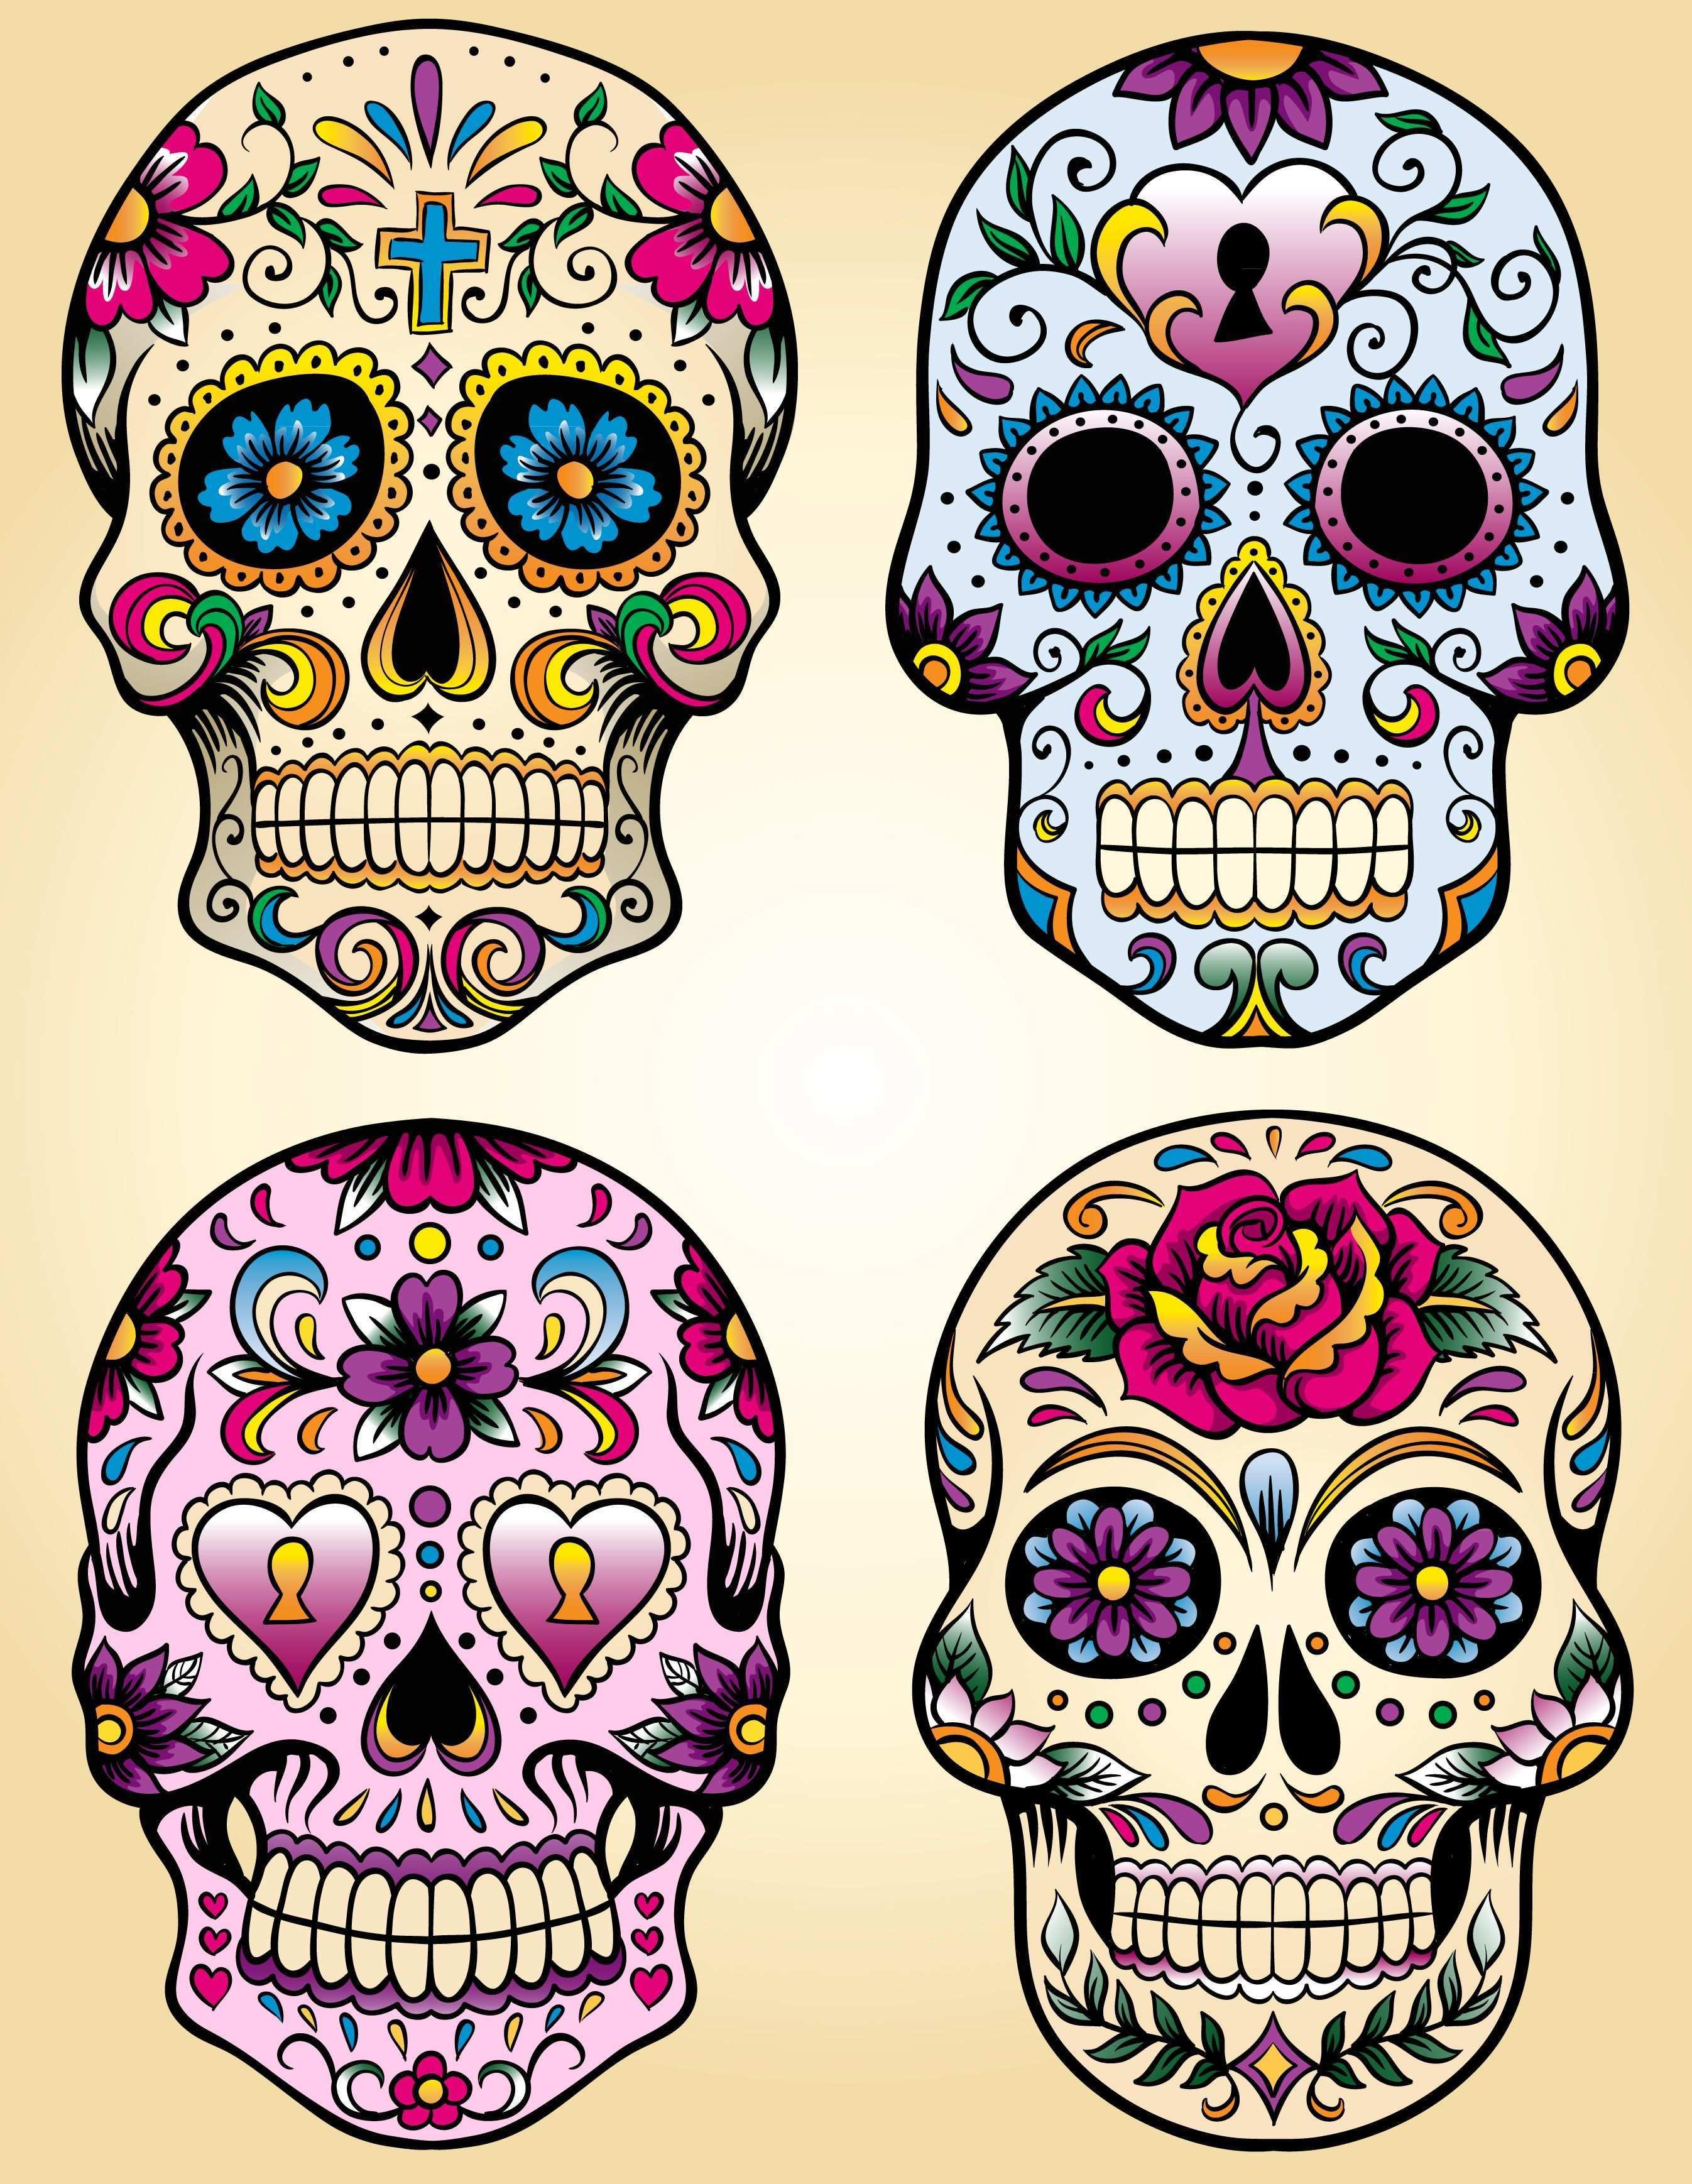 Totgesagte Leben Langer Biosprit Avanciert Zum Nachhaltigkeits Vorbild Sugar Skull Tattoos Skull Skull Art